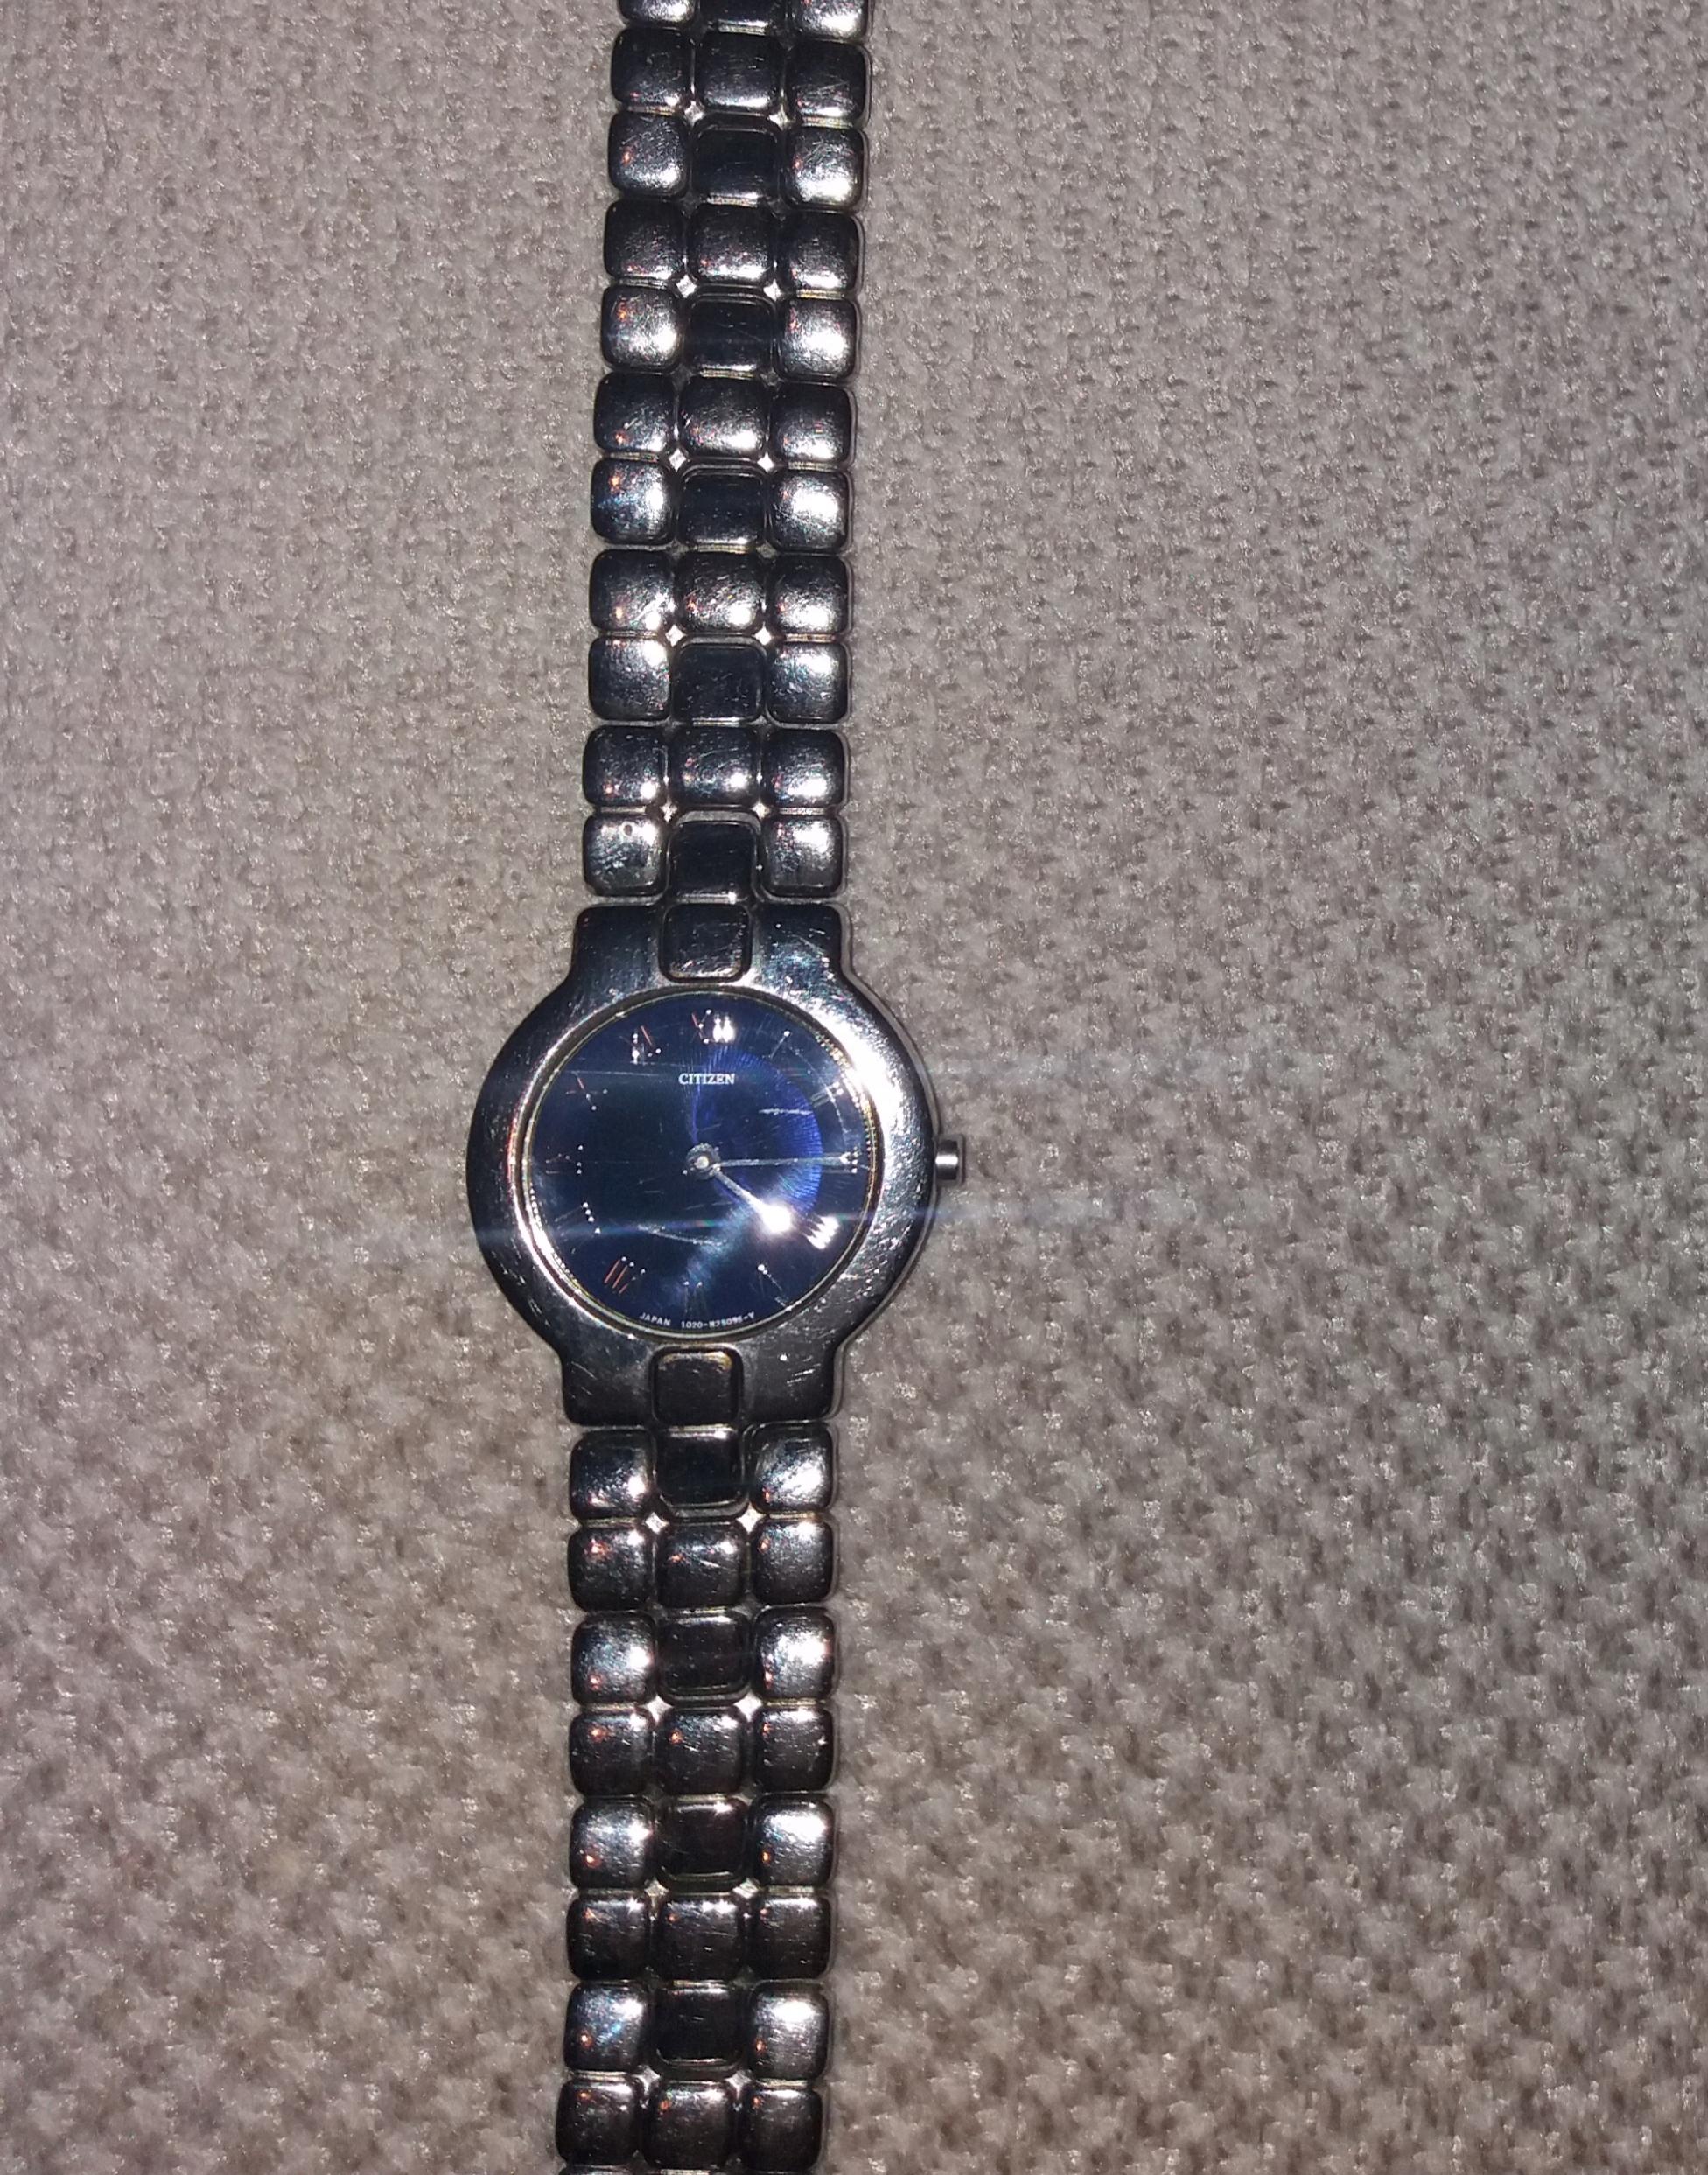 Zegarek damski Citizen japoński okazja